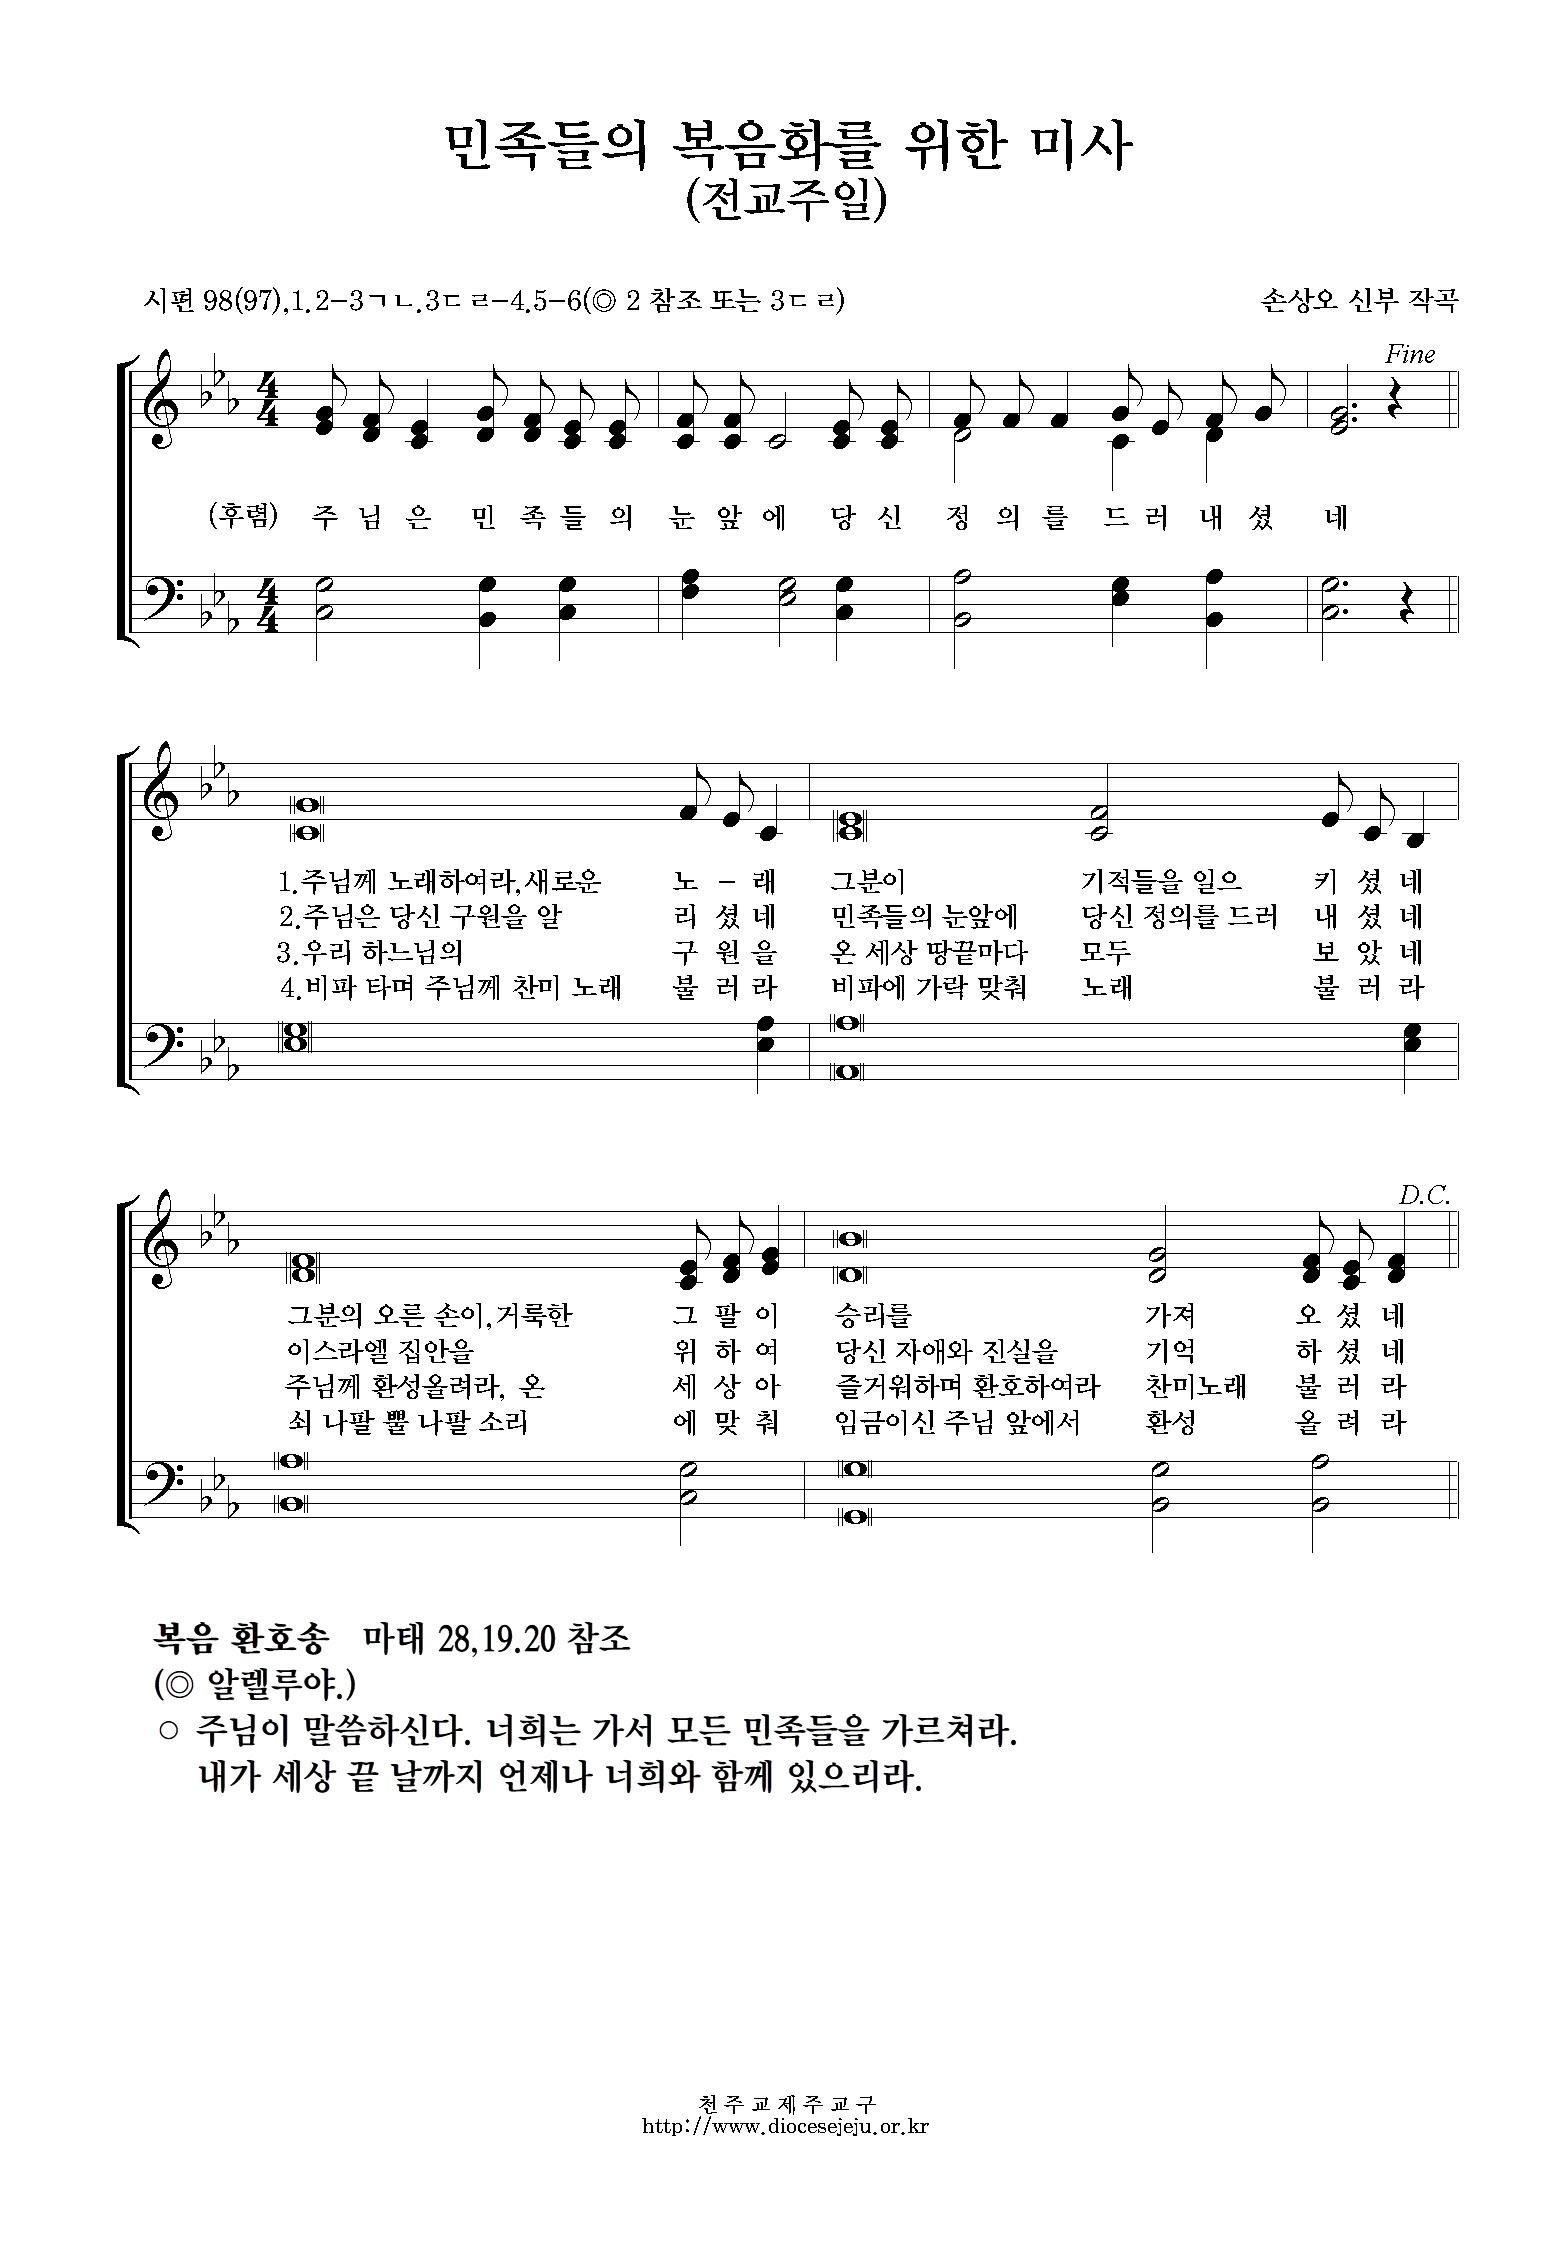 20191020-민족들의 복음화를 위한 미사(전교주일).jpg